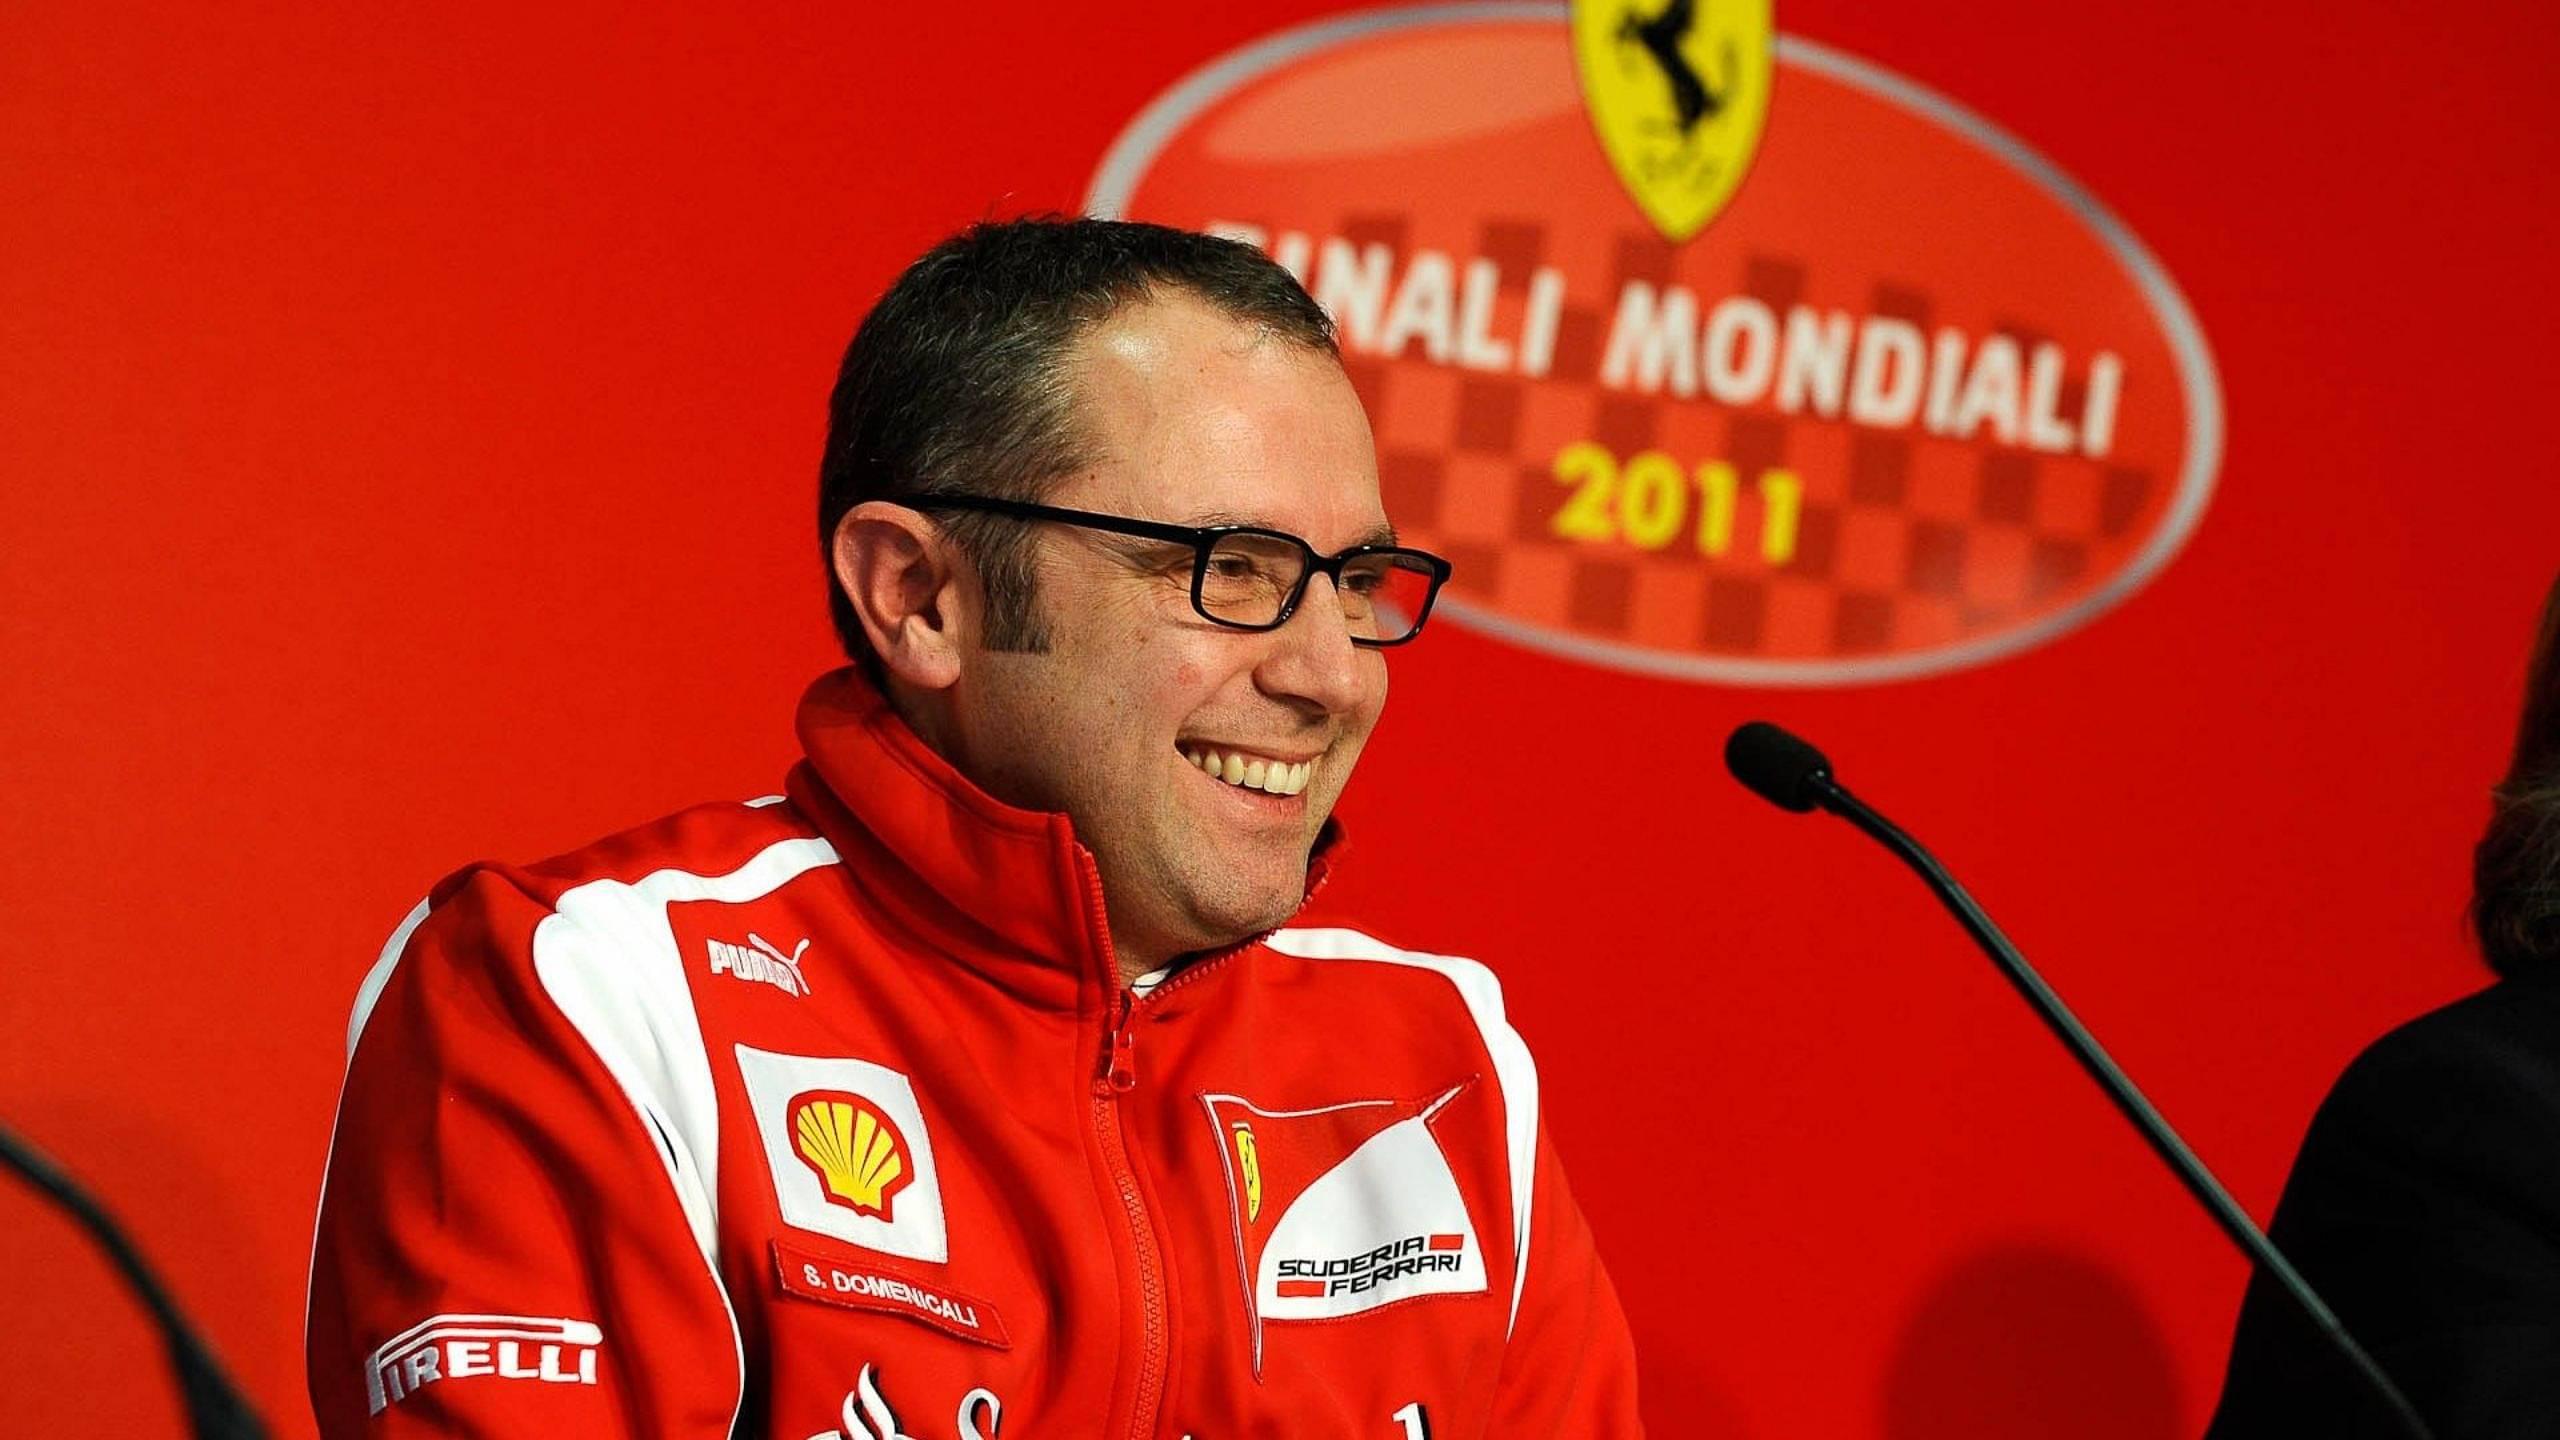 Louis Camilleri Abruptly Retires From Ferrari, Philip Morris